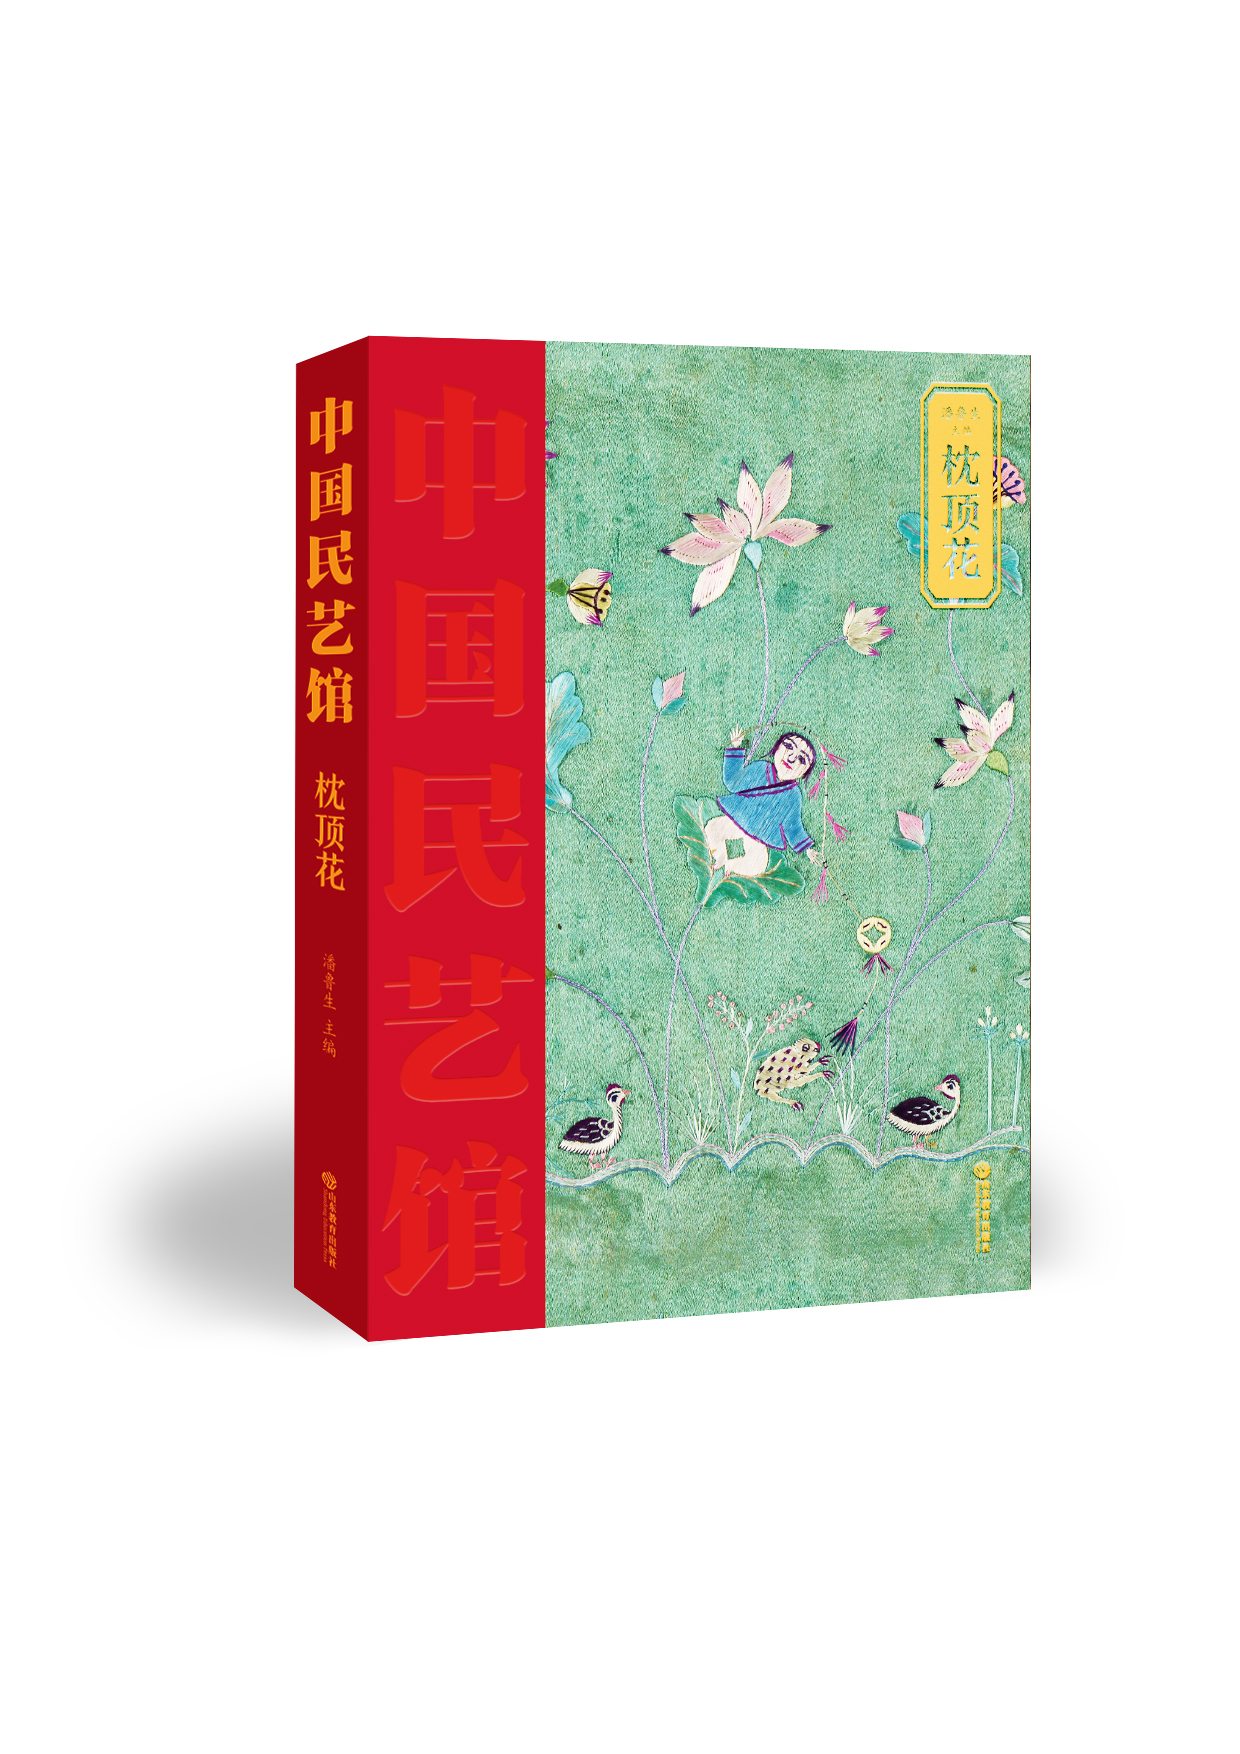 《中国民艺馆·枕顶花》